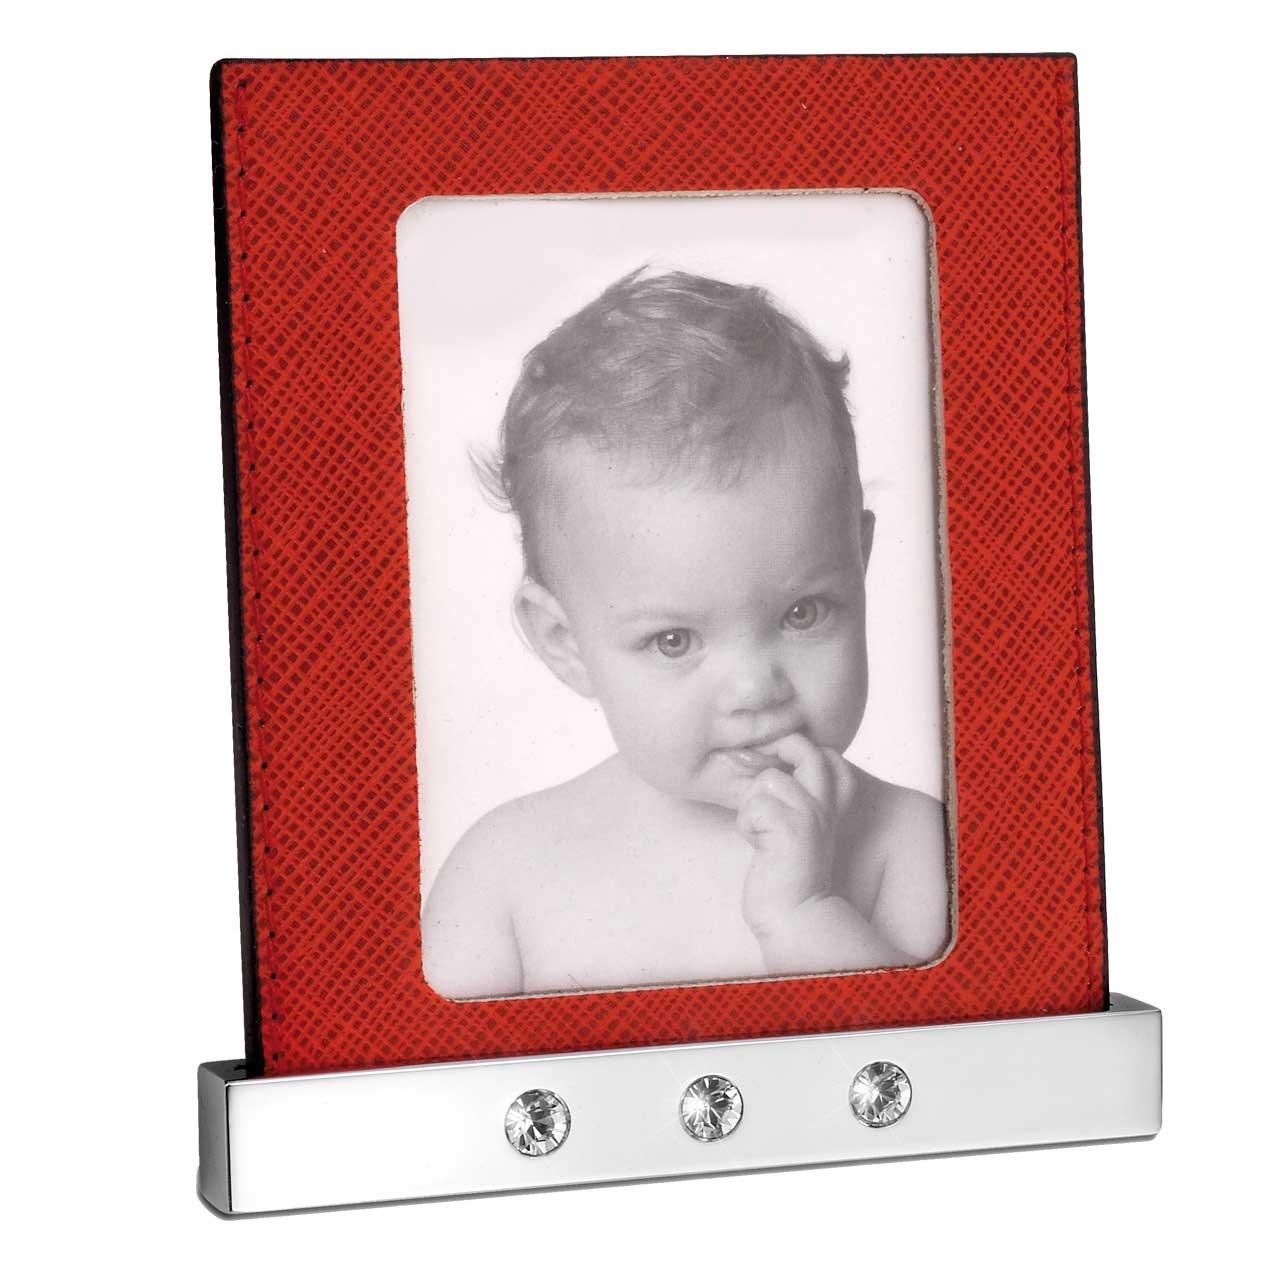 قاب عکس الیور وبر کد 6902-red